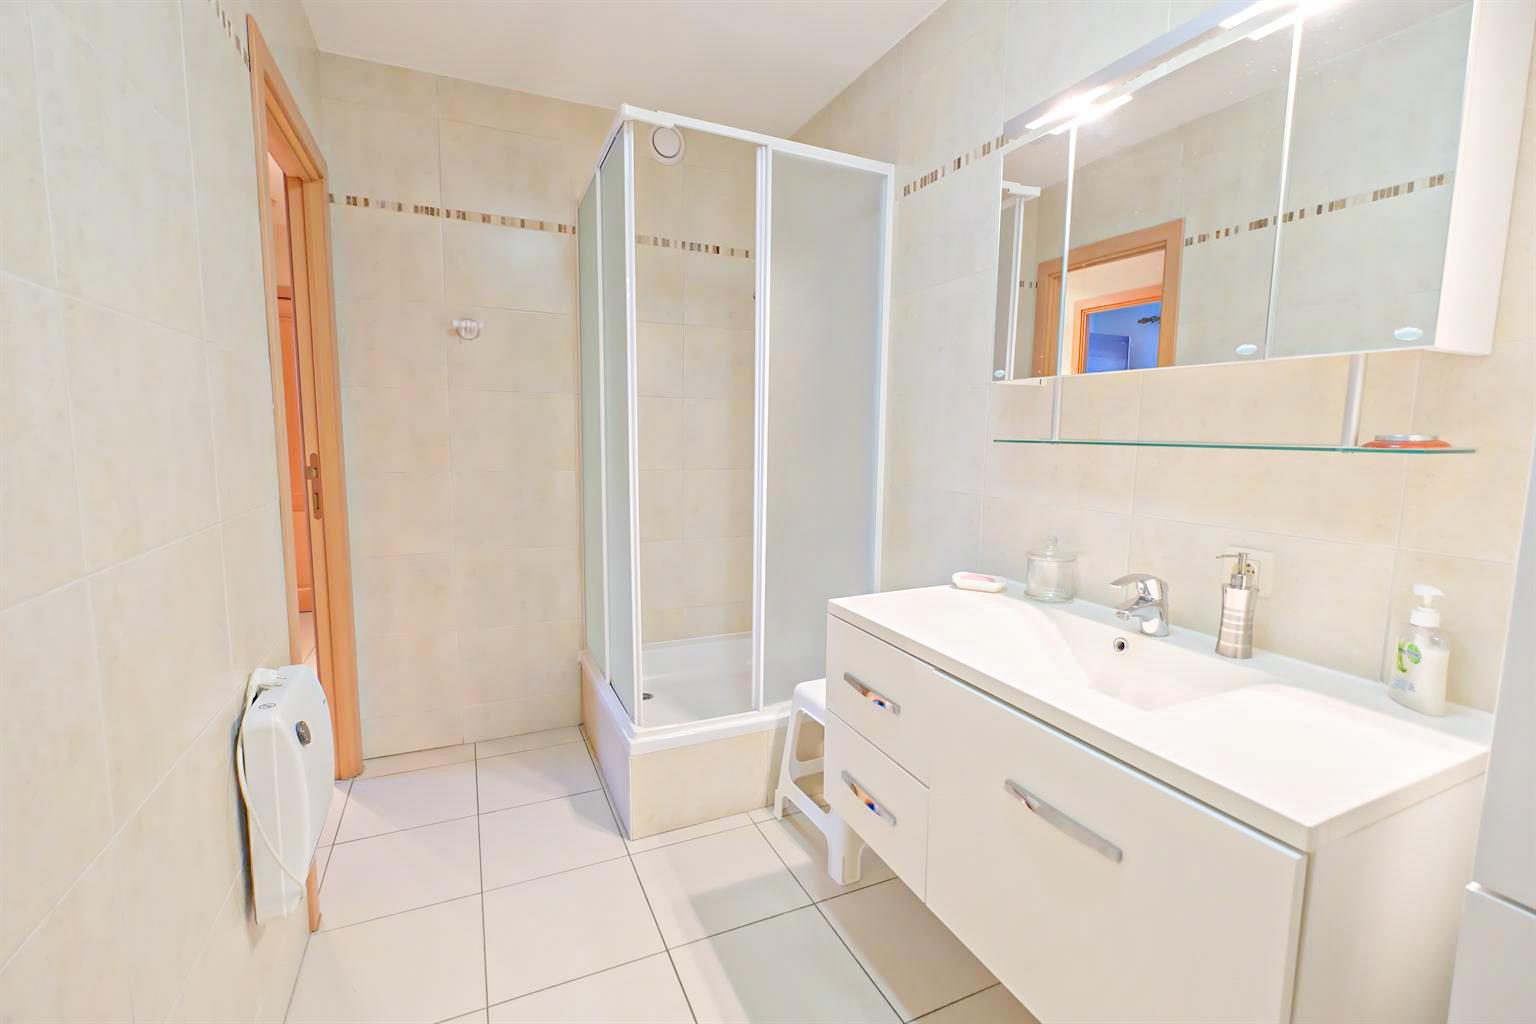 Appartement - Braine-le-Comte - #4422565-6